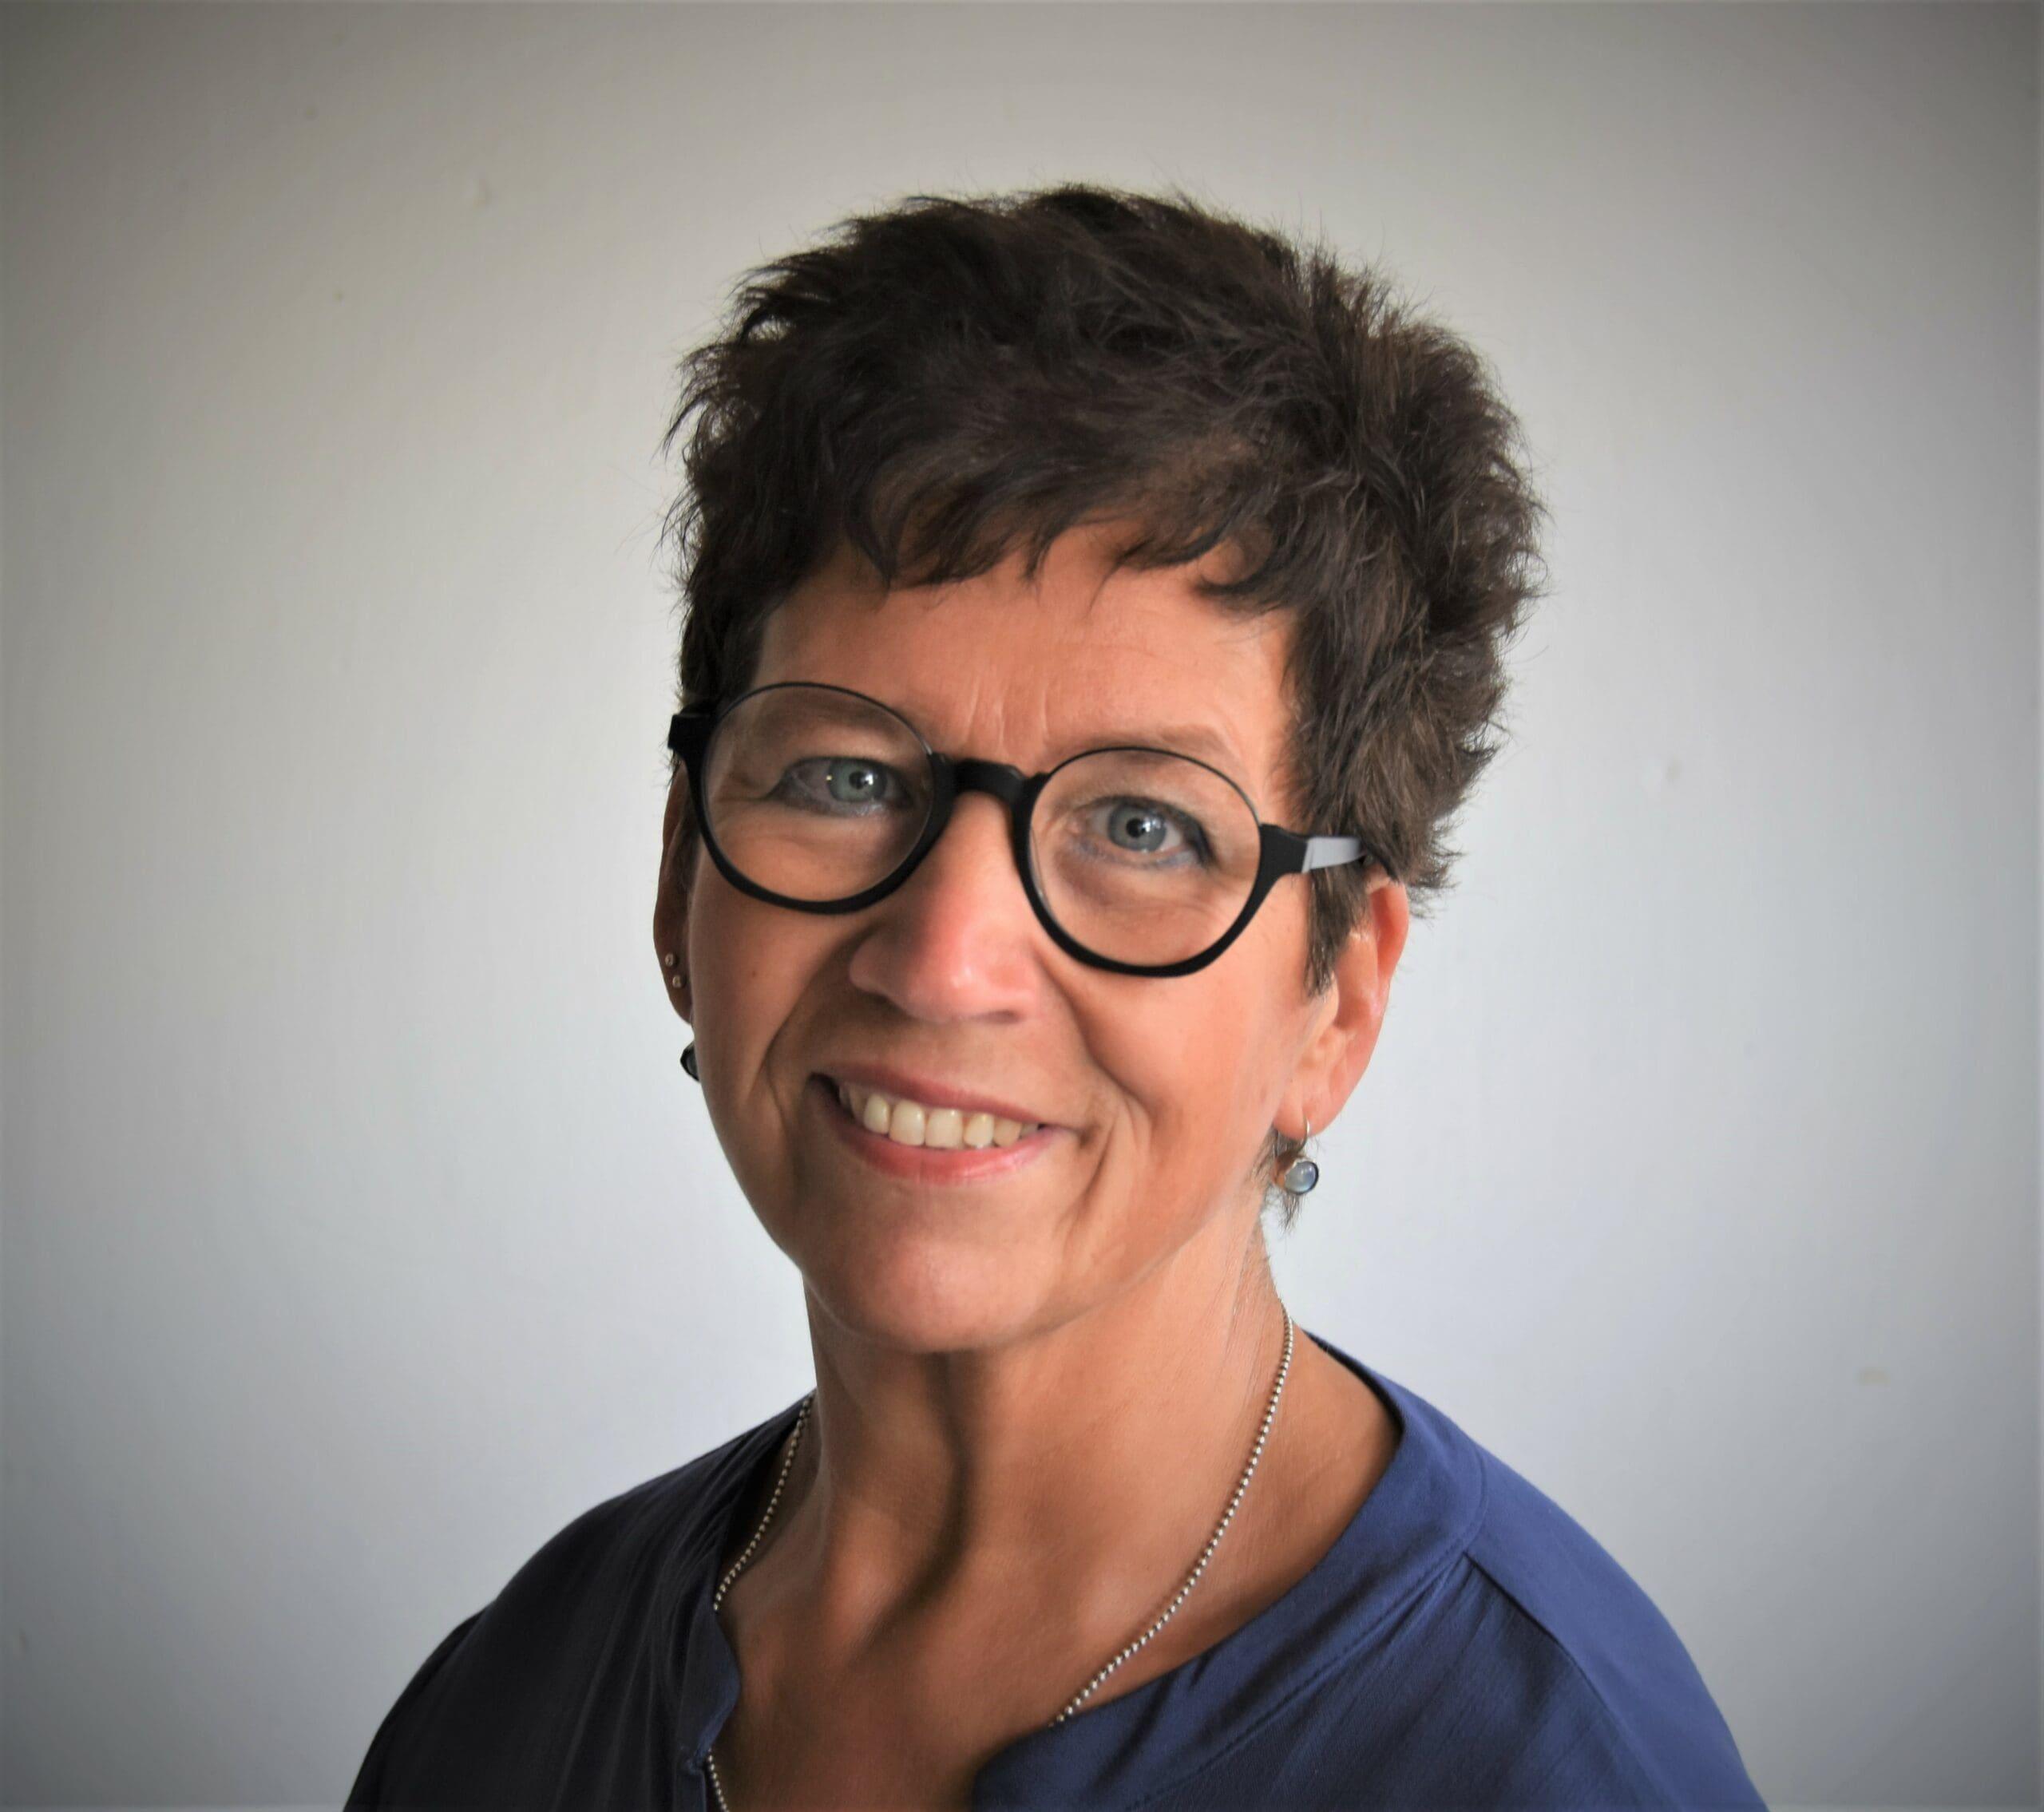 Marleen Josten van Arendonk